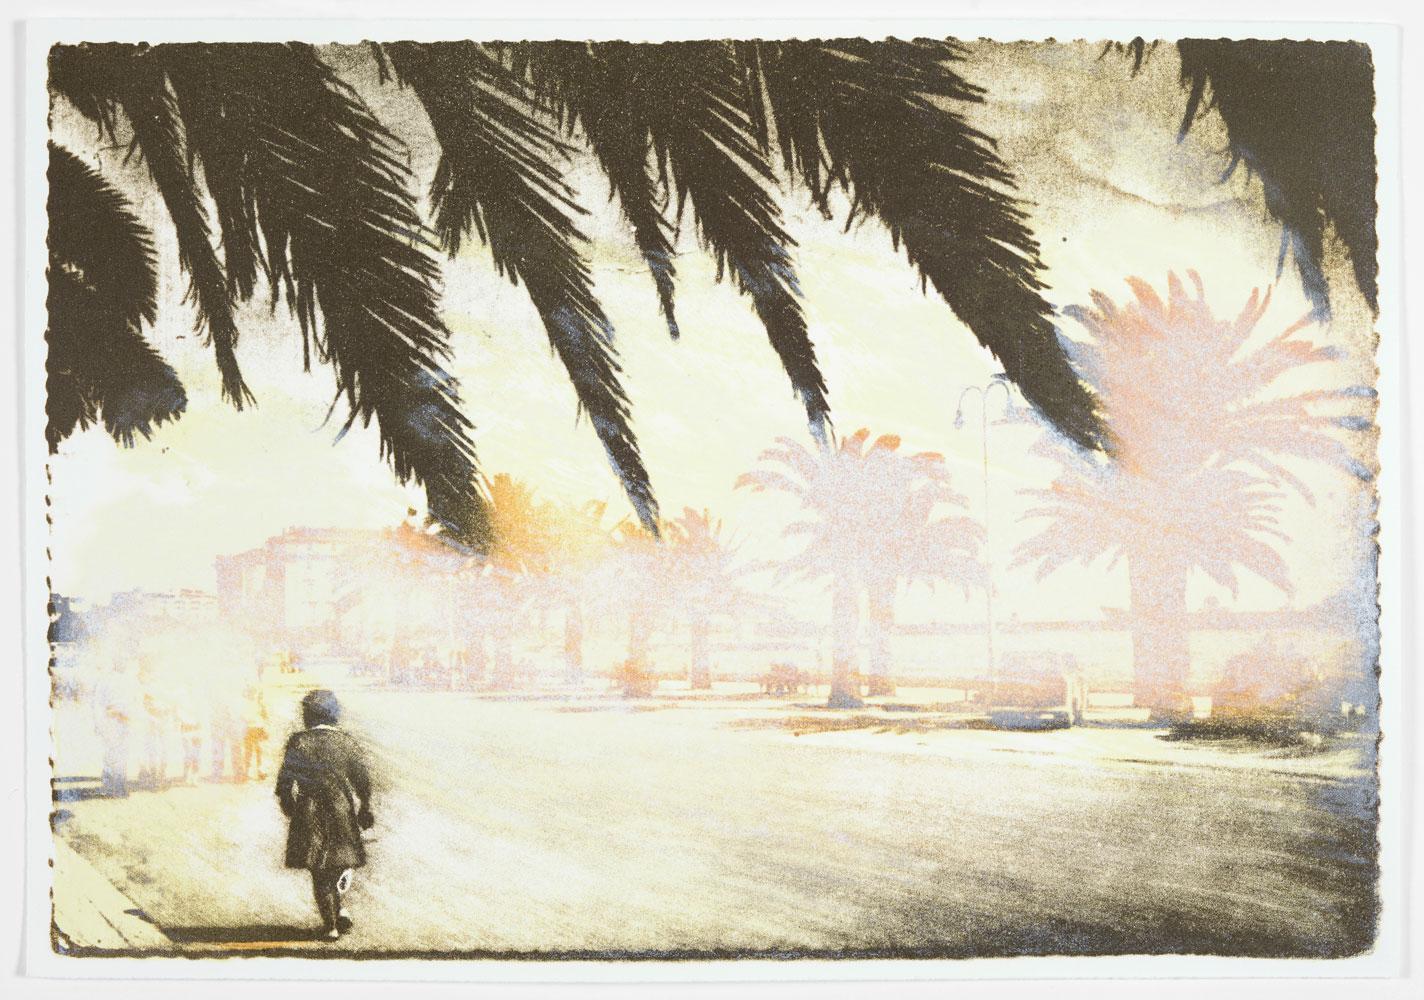 Frau geht eine Straße entlang mit Palmen